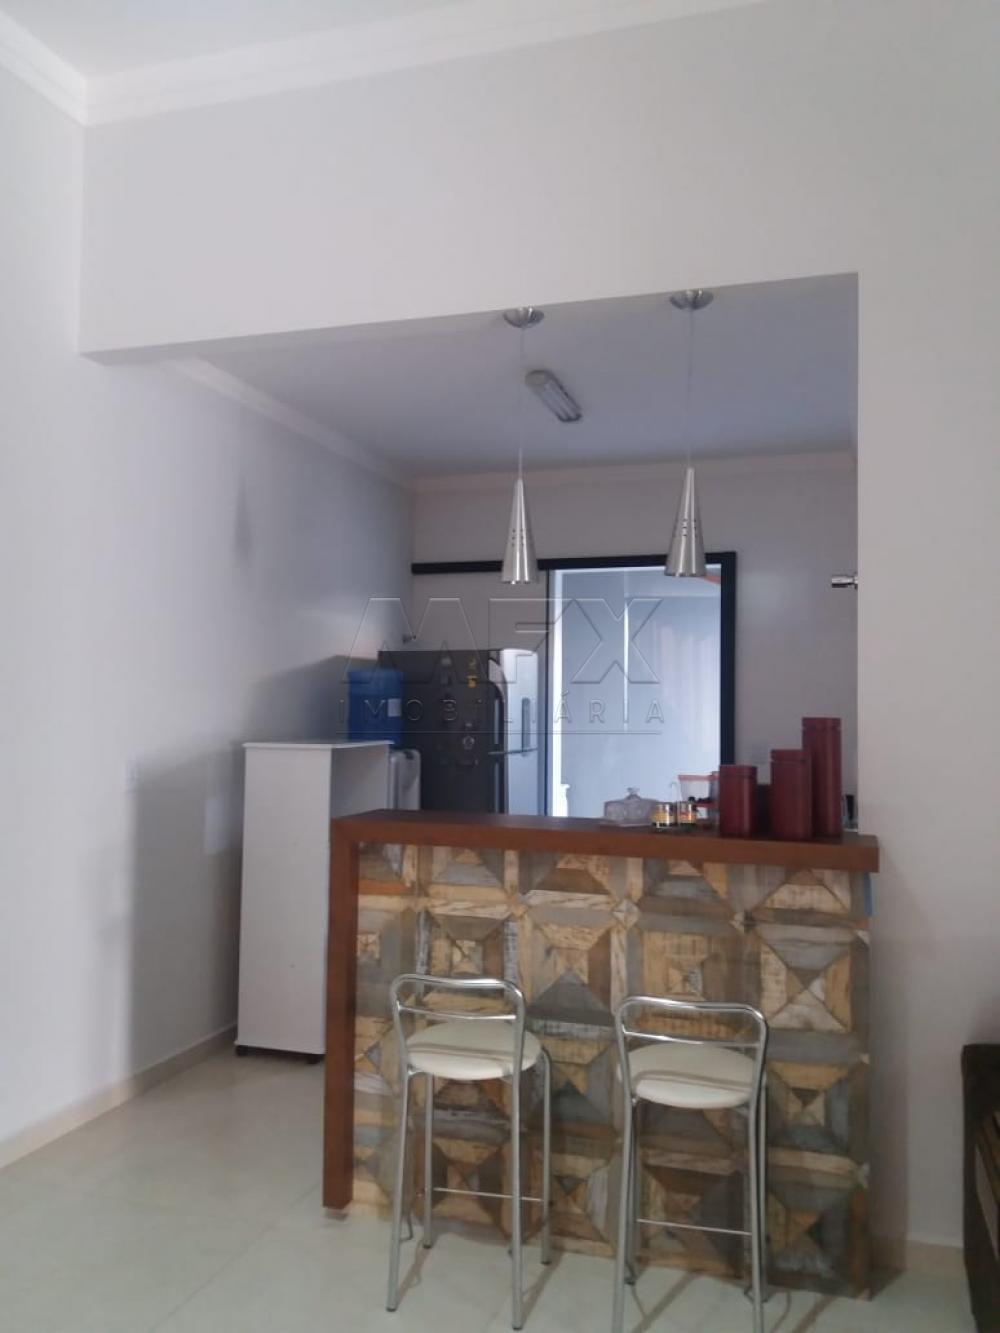 Comprar Casa / Padrão em Bauru apenas R$ 350.000,00 - Foto 2